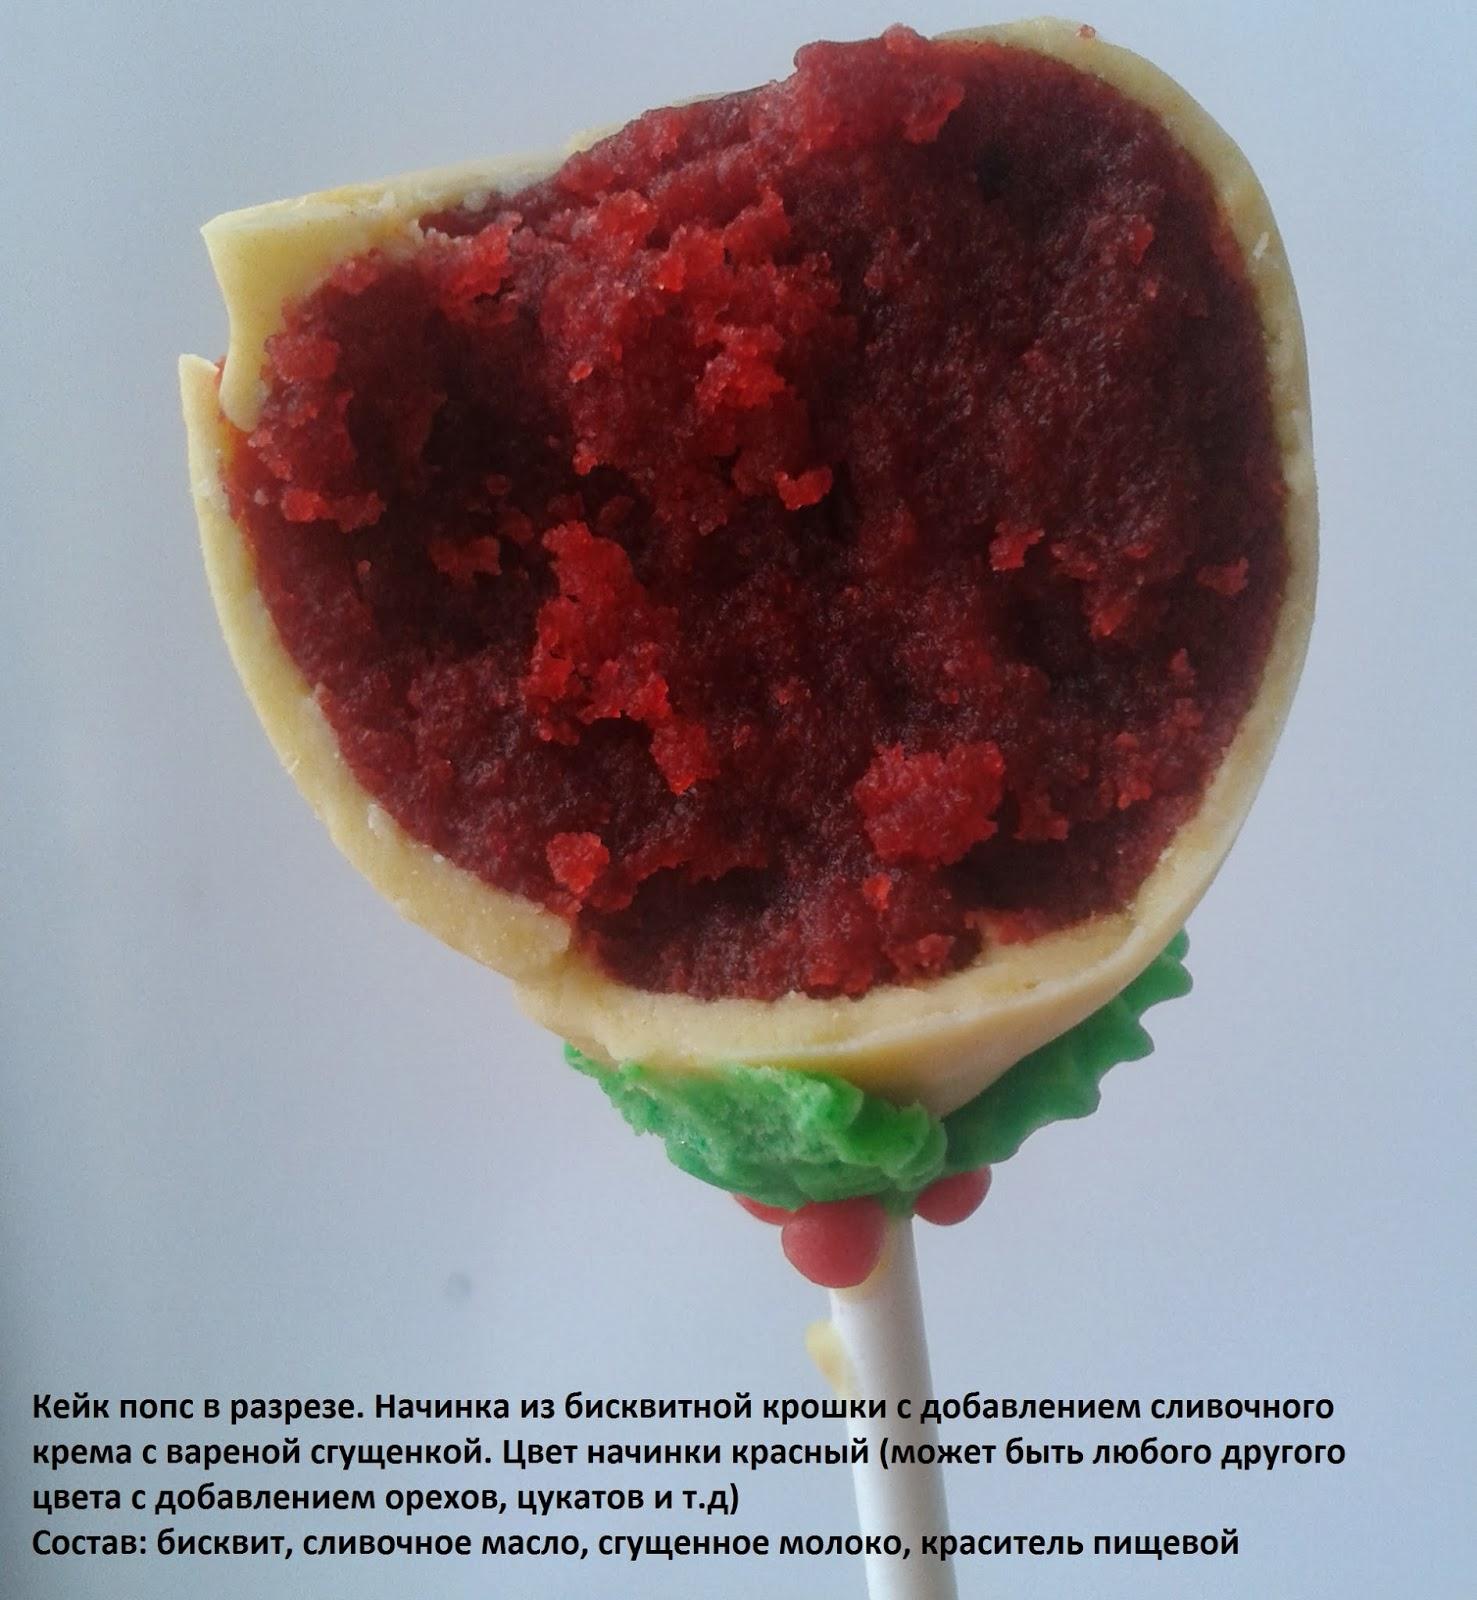 Рецепт кейк попсов пошагово с вареной сгущенкой